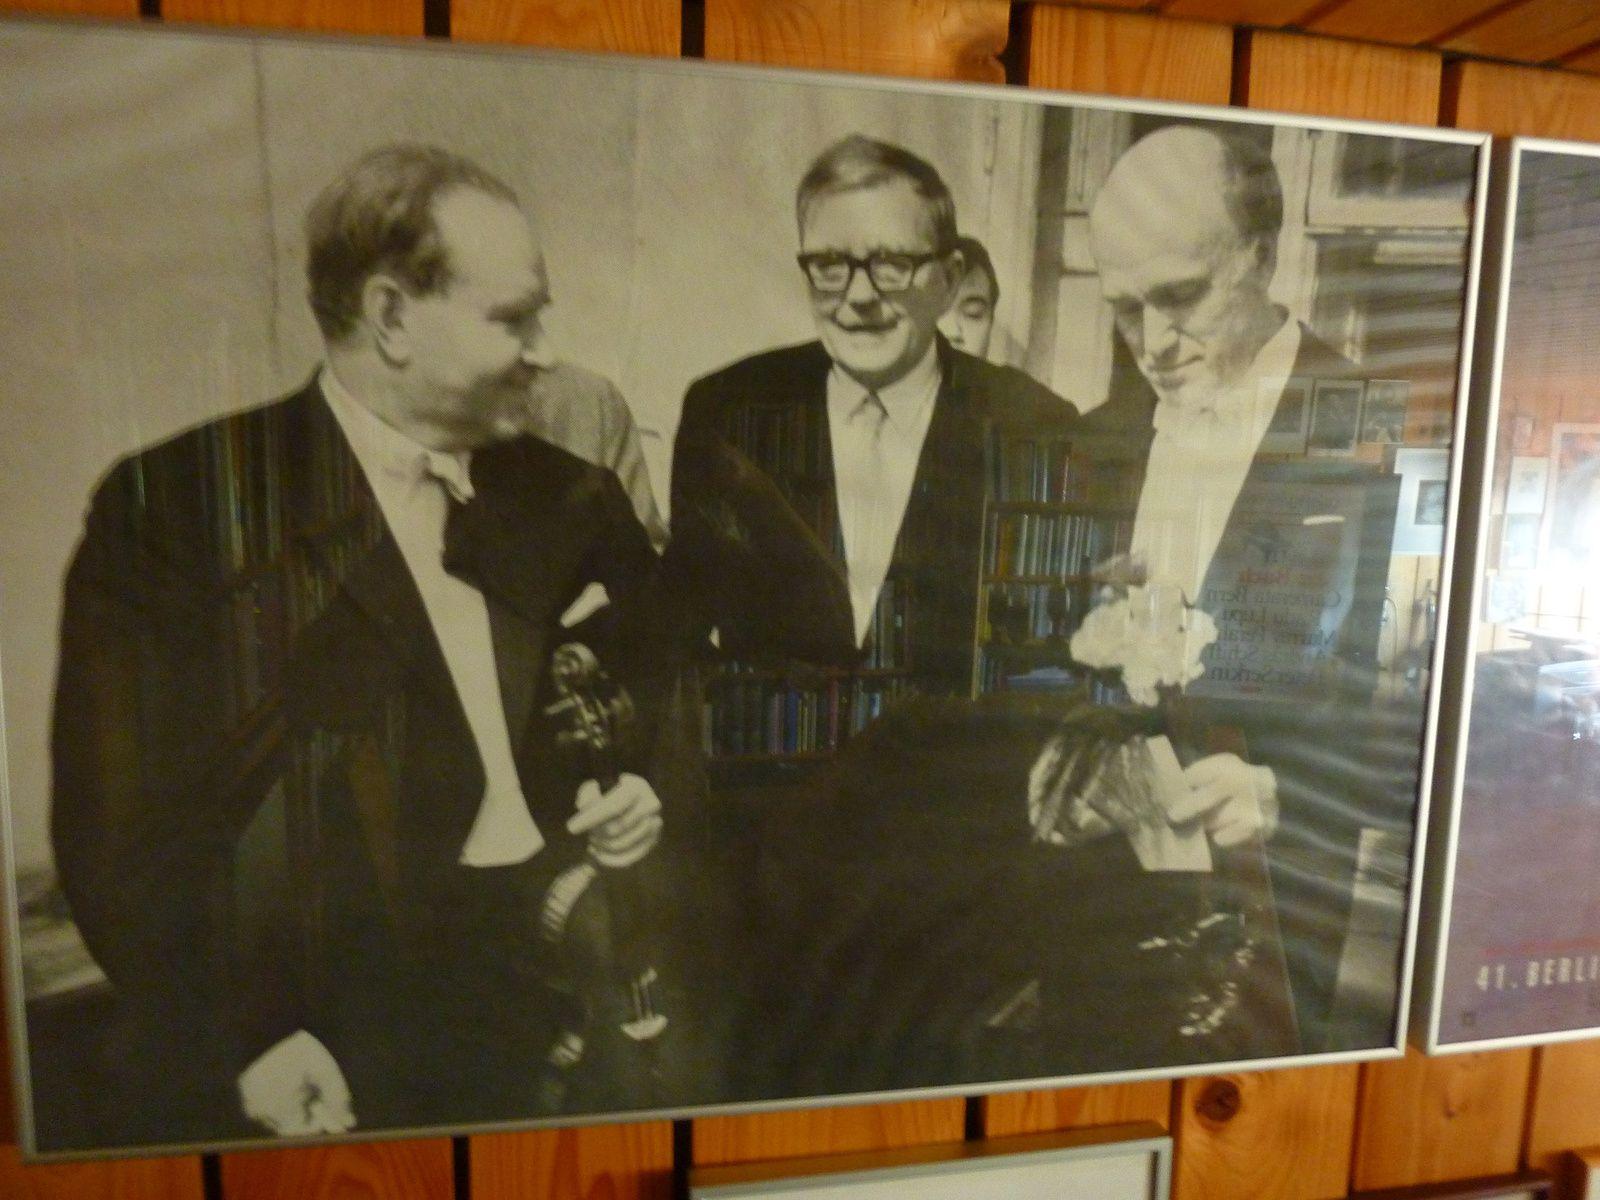 Schostakowitsch, David Oistrach, Svjatoslav Richter, Moskau 1968, Foto Dirk Nabering